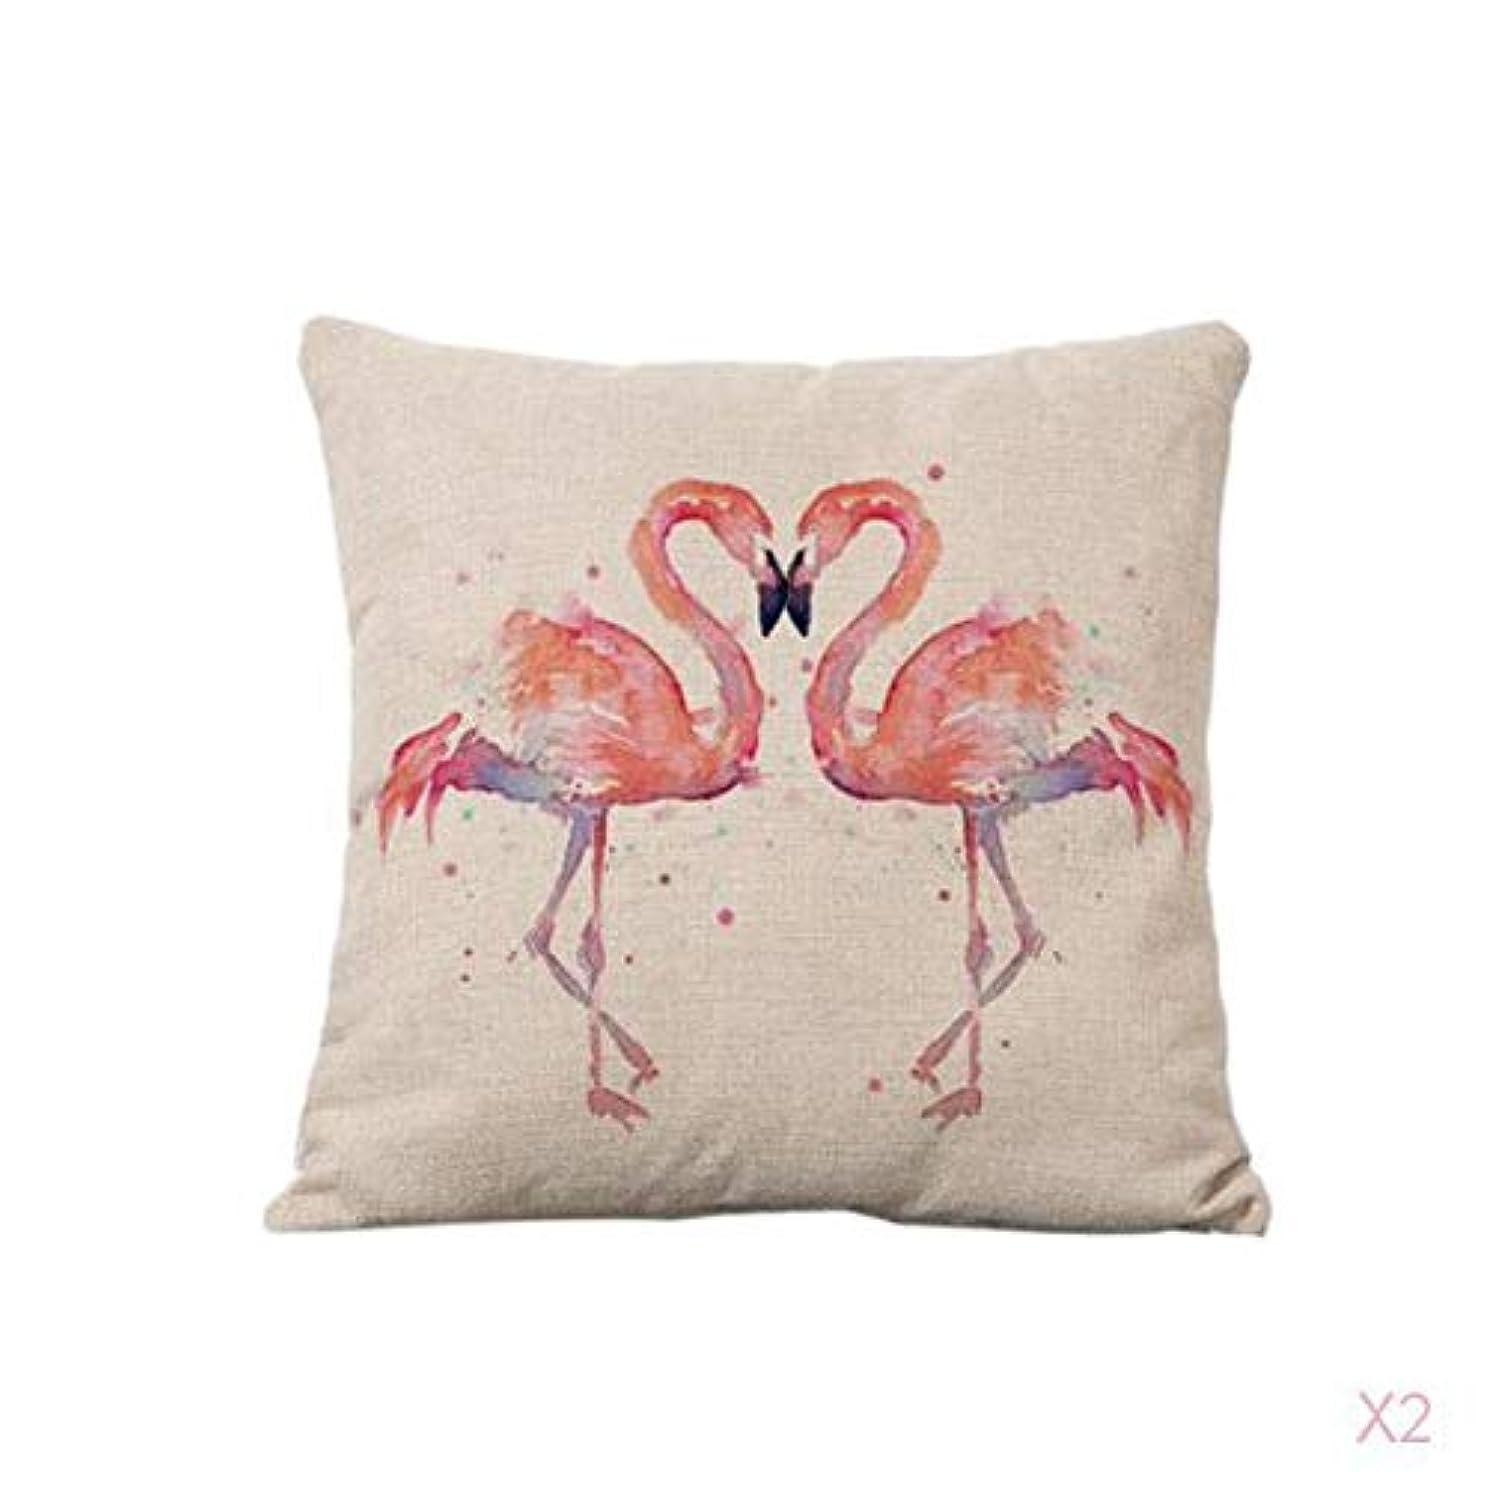 FLAMEER コットンリネンスロー枕カバークッションカバーソファ家の装飾フラミンゴ#1